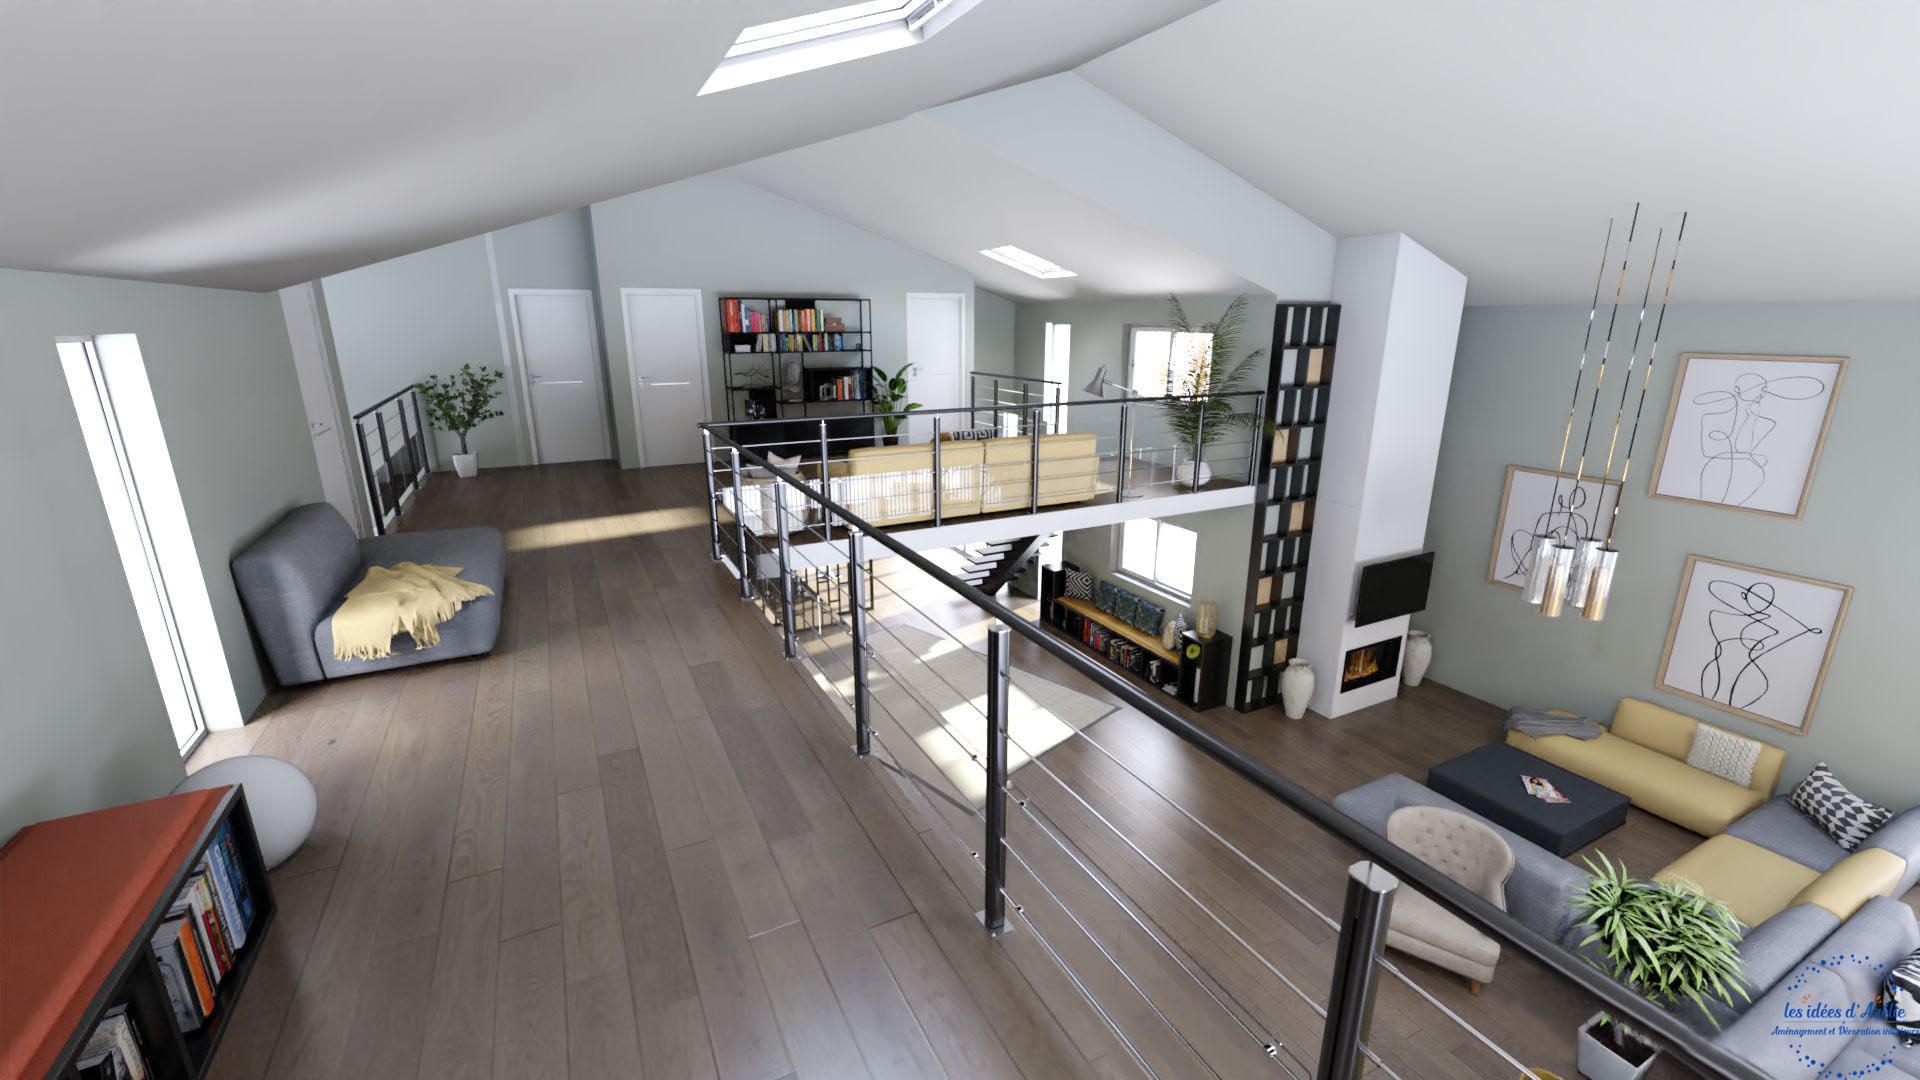 Vue mezzanine - visuel 3D